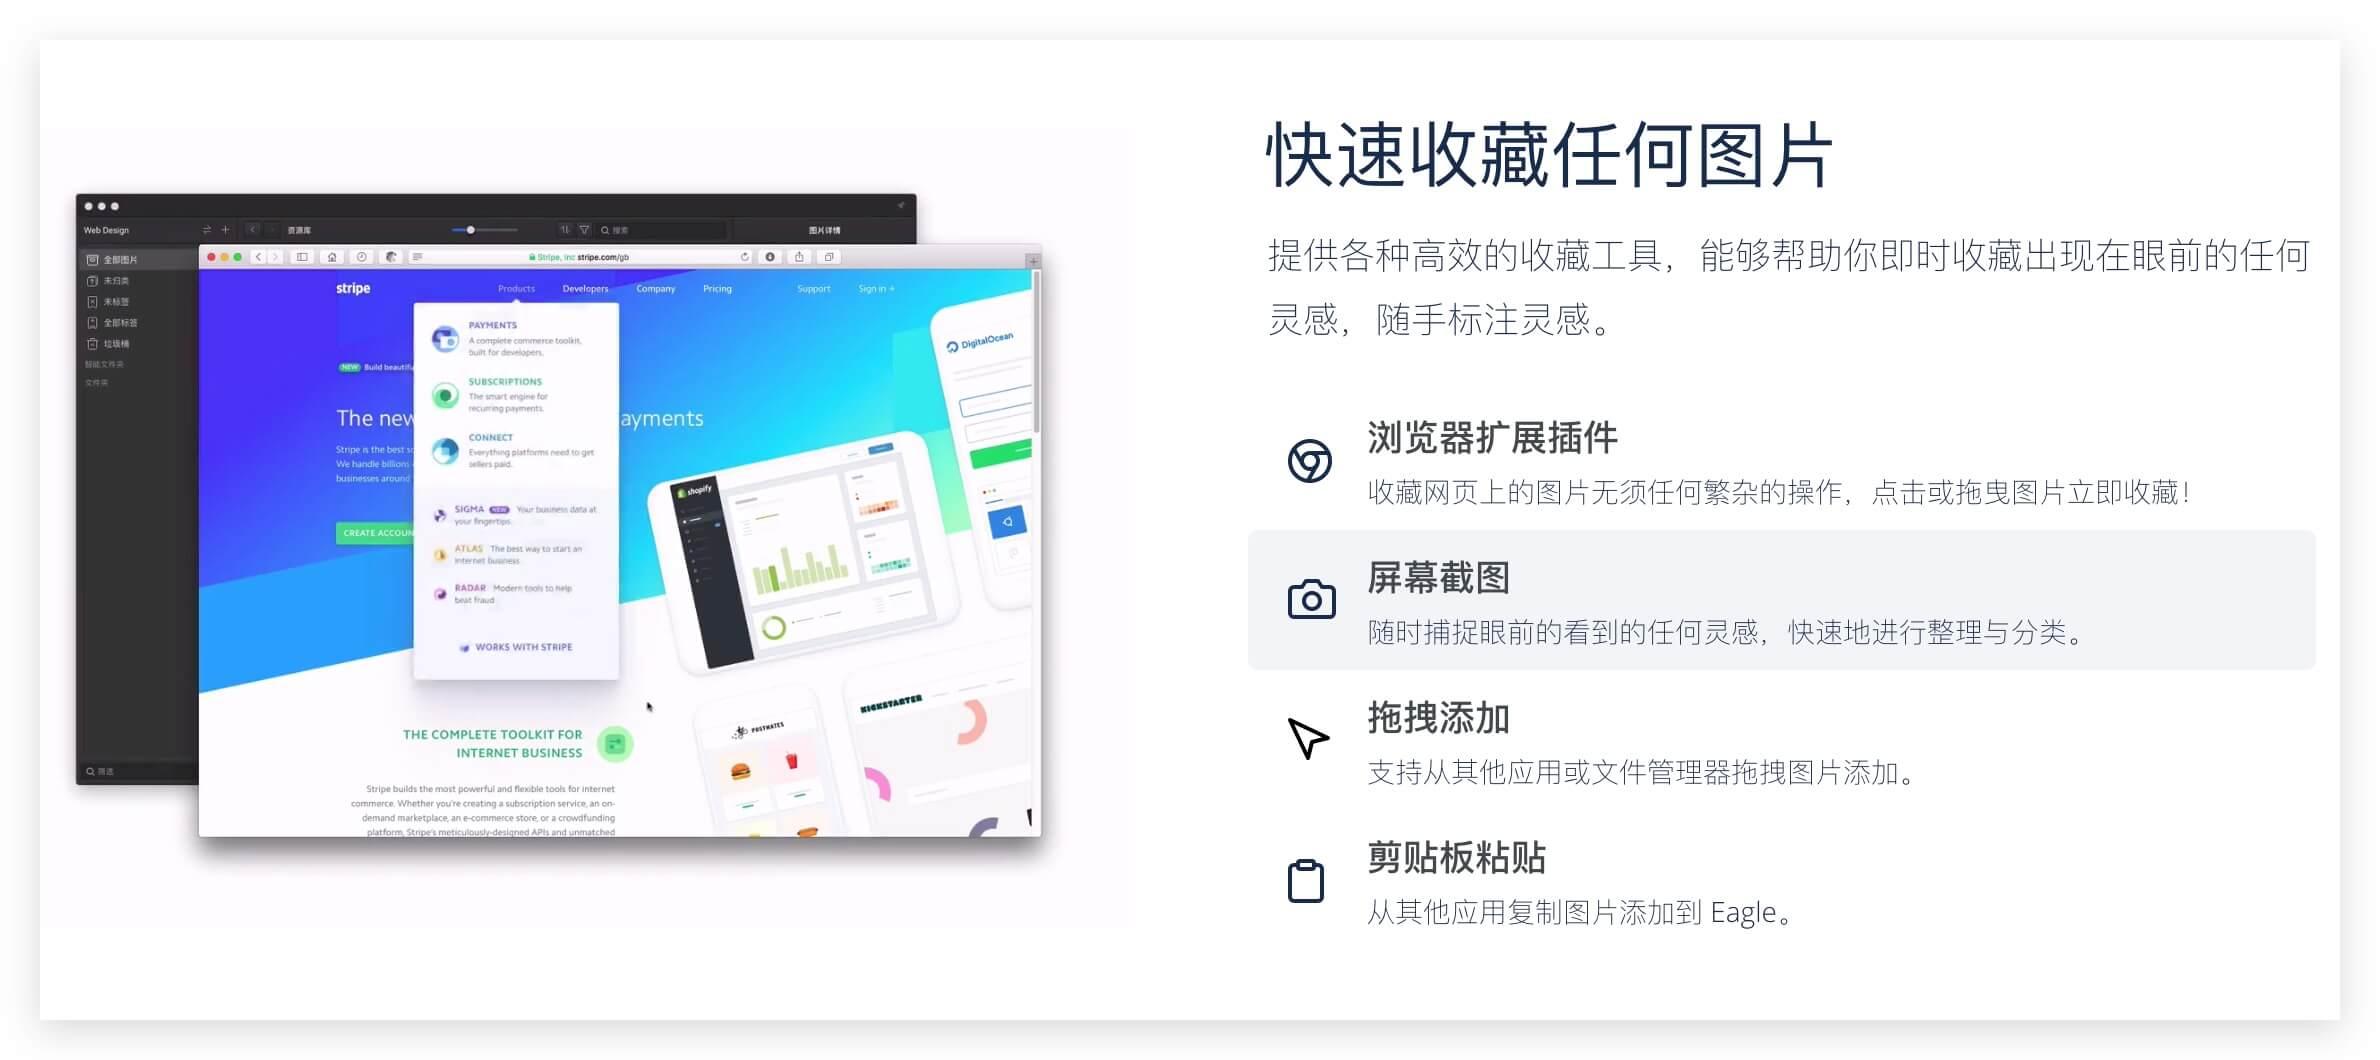 图片管理工具 eagle 一款跨平台超强整理软件